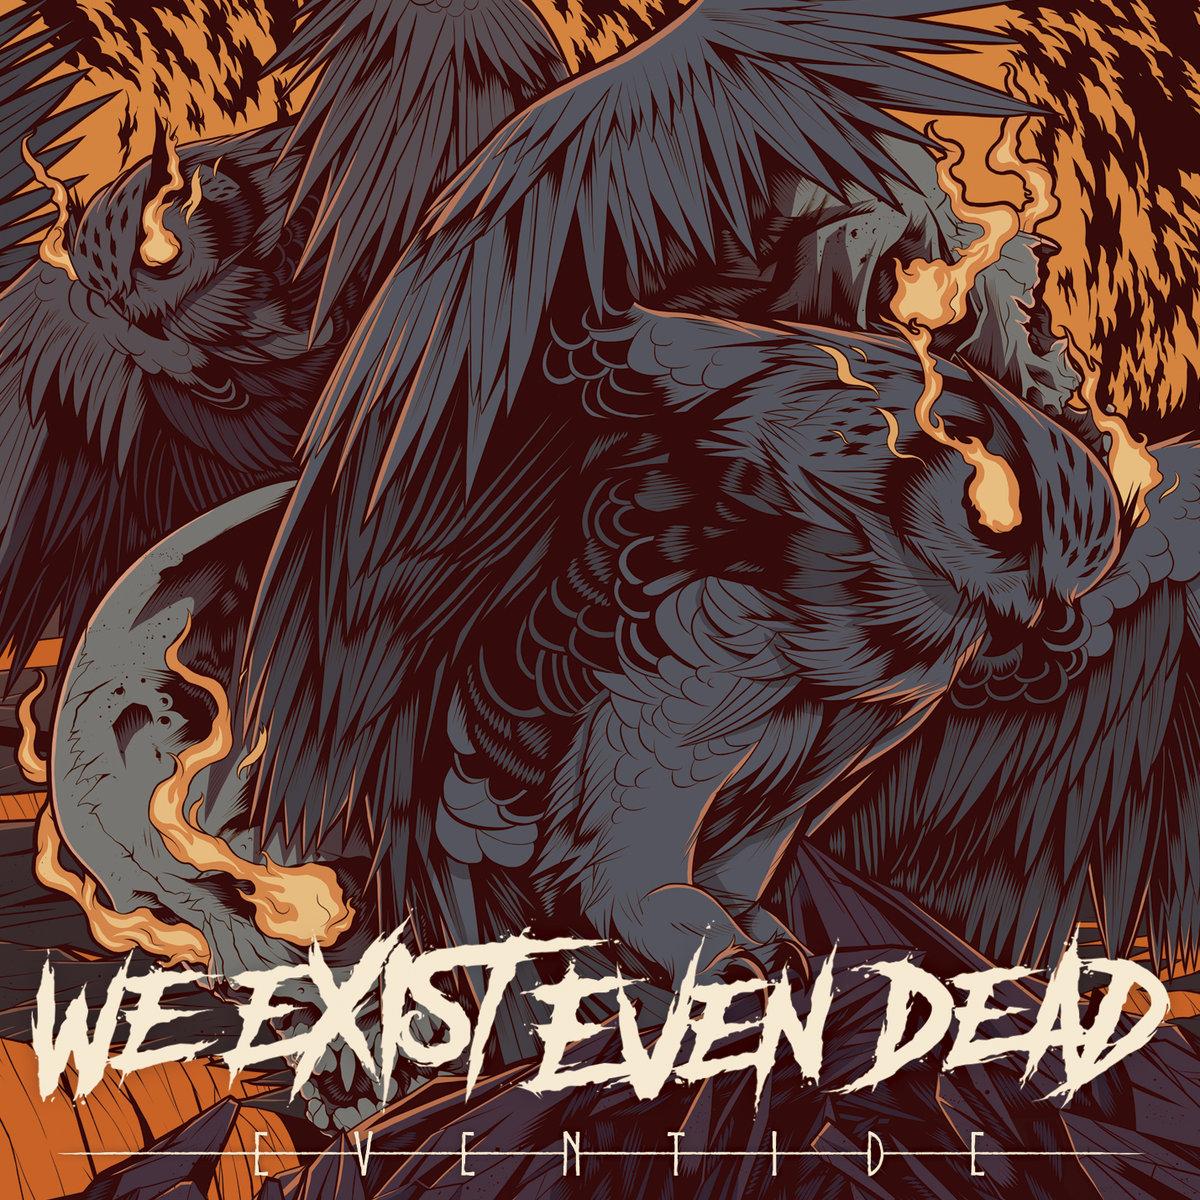 WE EXIST EVEN DEAD (ESP)